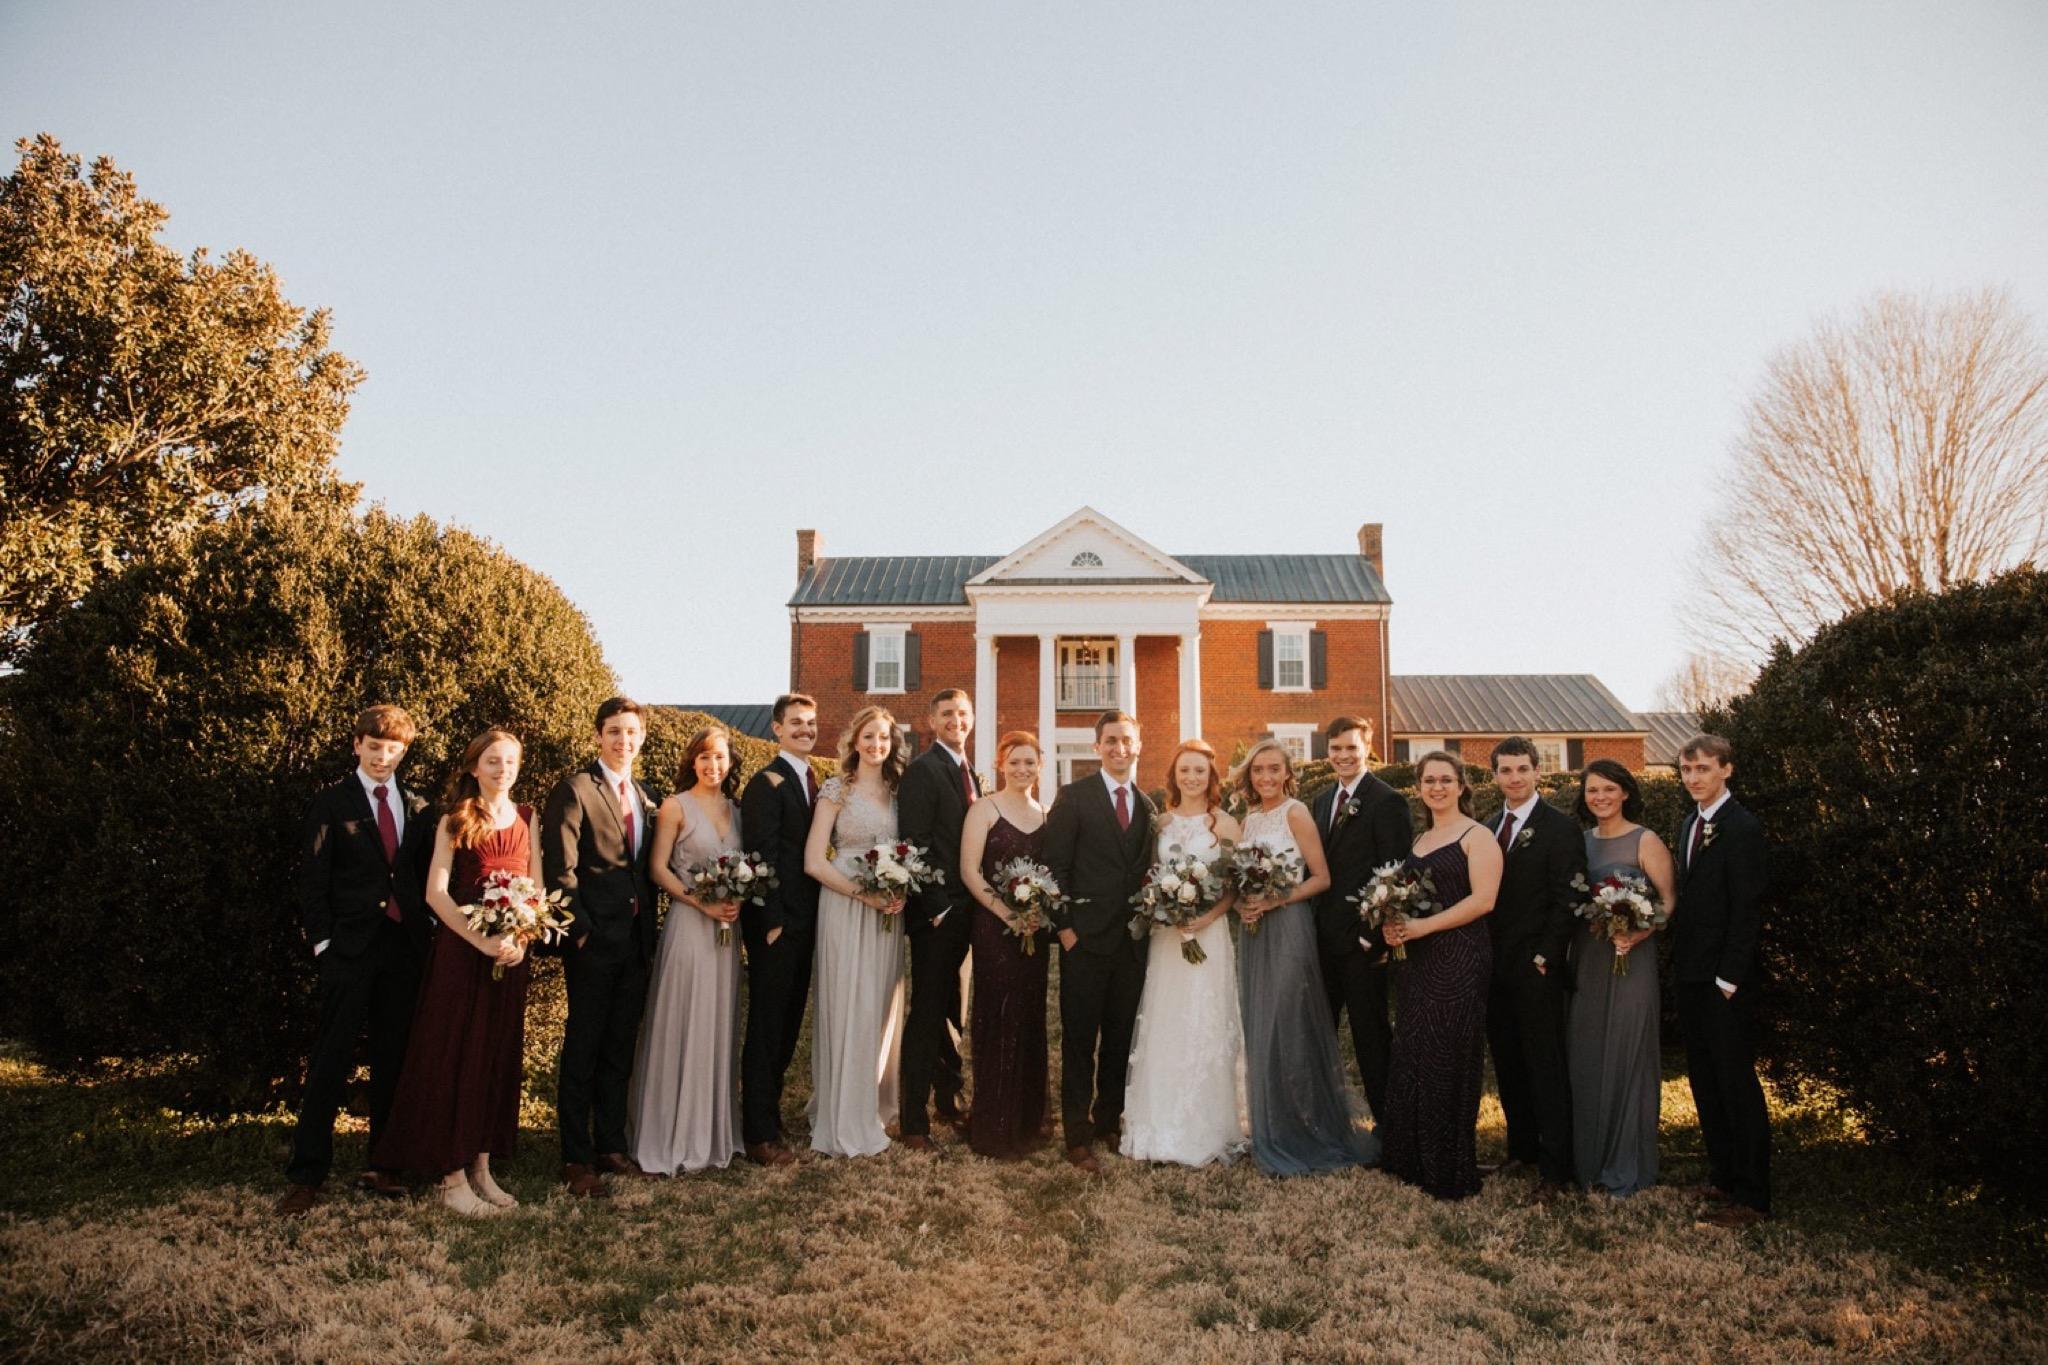 63_West Manor Estate Weddings - Pat Cori Photography-132_Weddingparty_VirginiaWeddingPhotographer_WestManorEstate_Portraits_Wedding.jpg